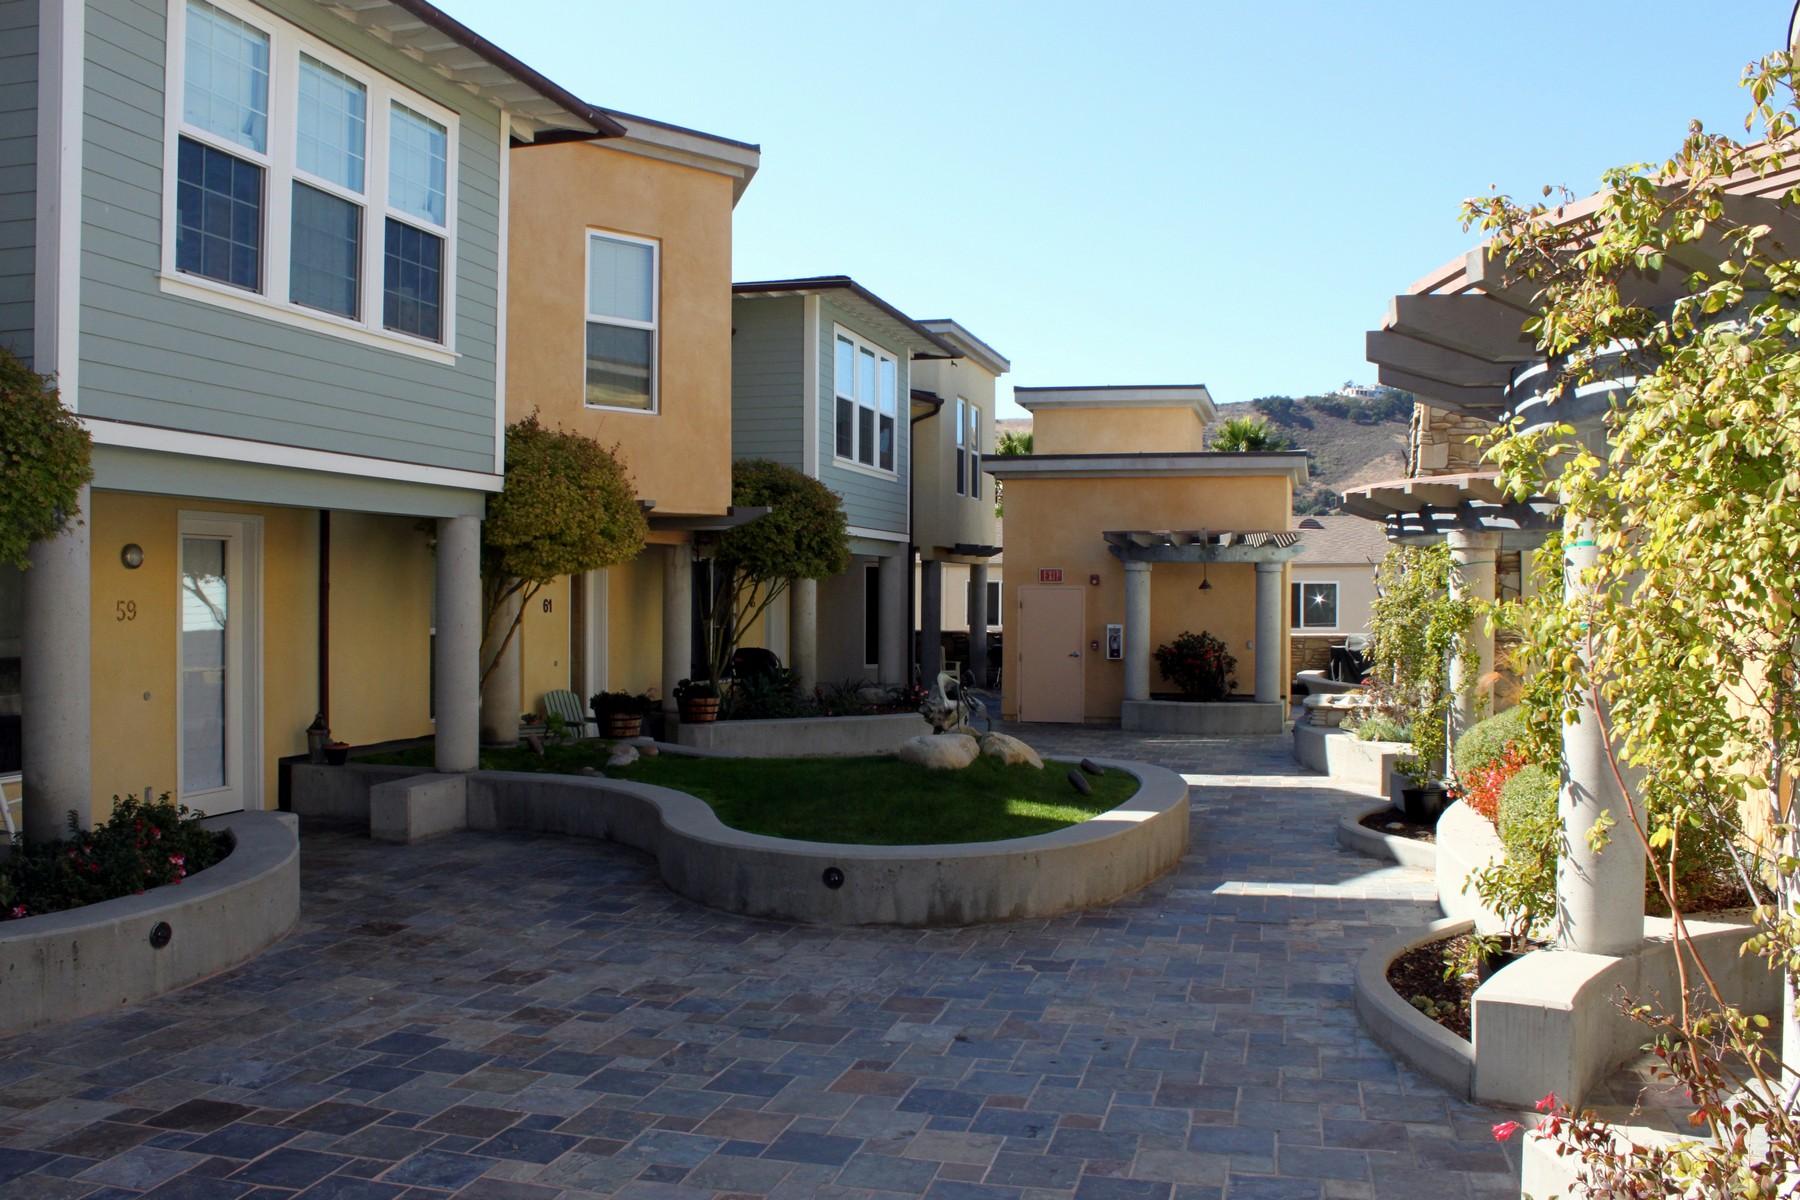 Condomínio para Venda às Fabulous Avila Beach Condo 69 San Miguel Avila Beach, Califórnia, 93424 Estados Unidos